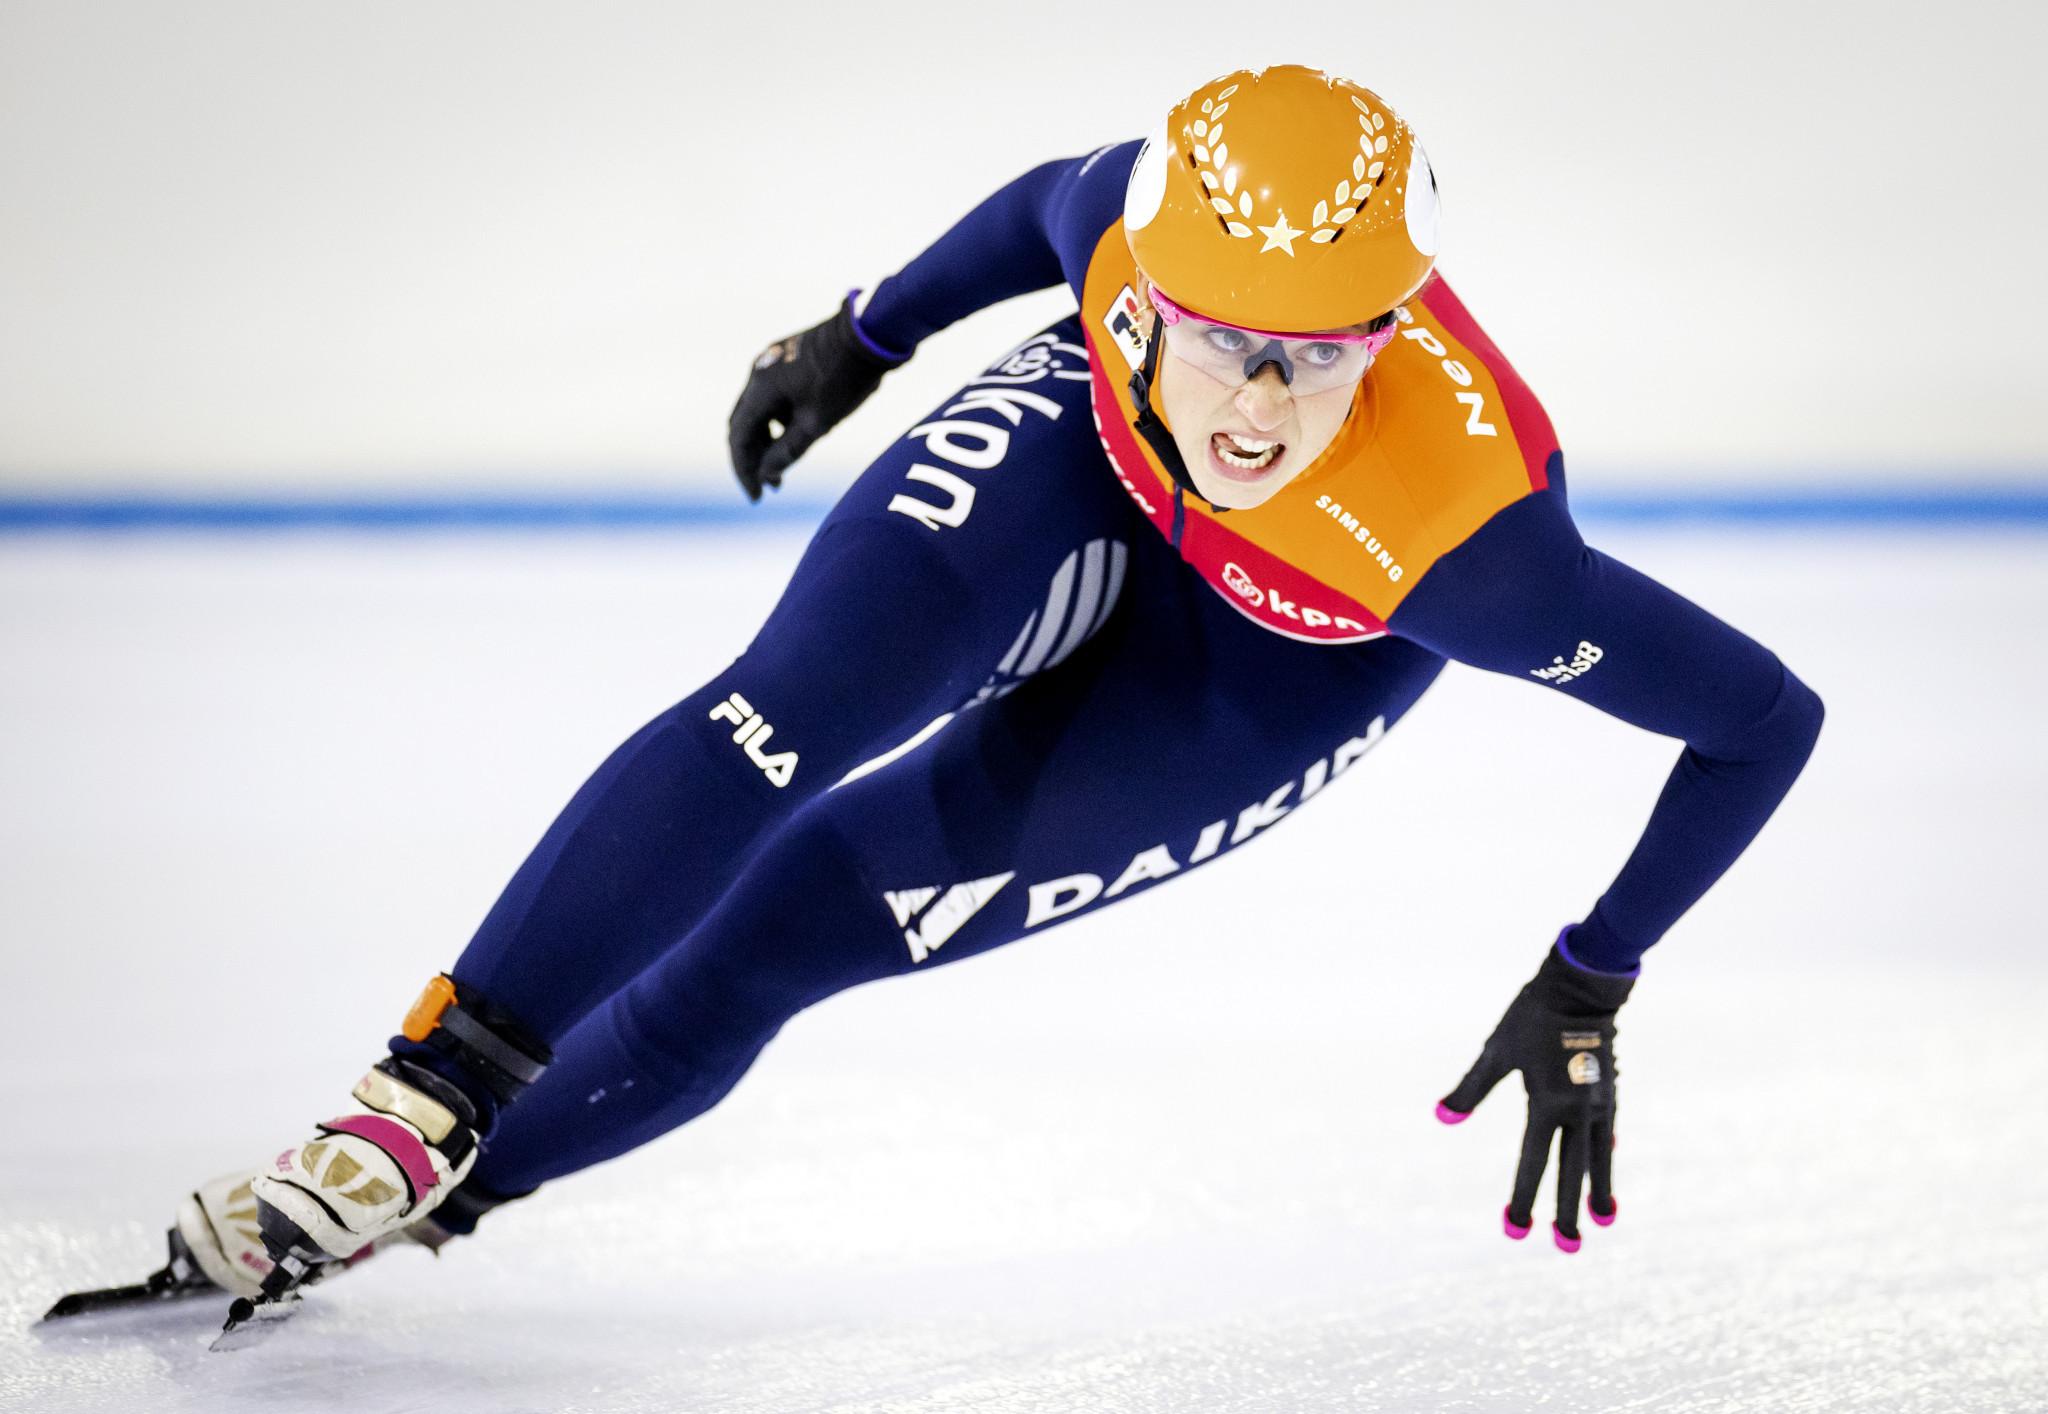 ISU European Short Track Championships underway in Gdańsk